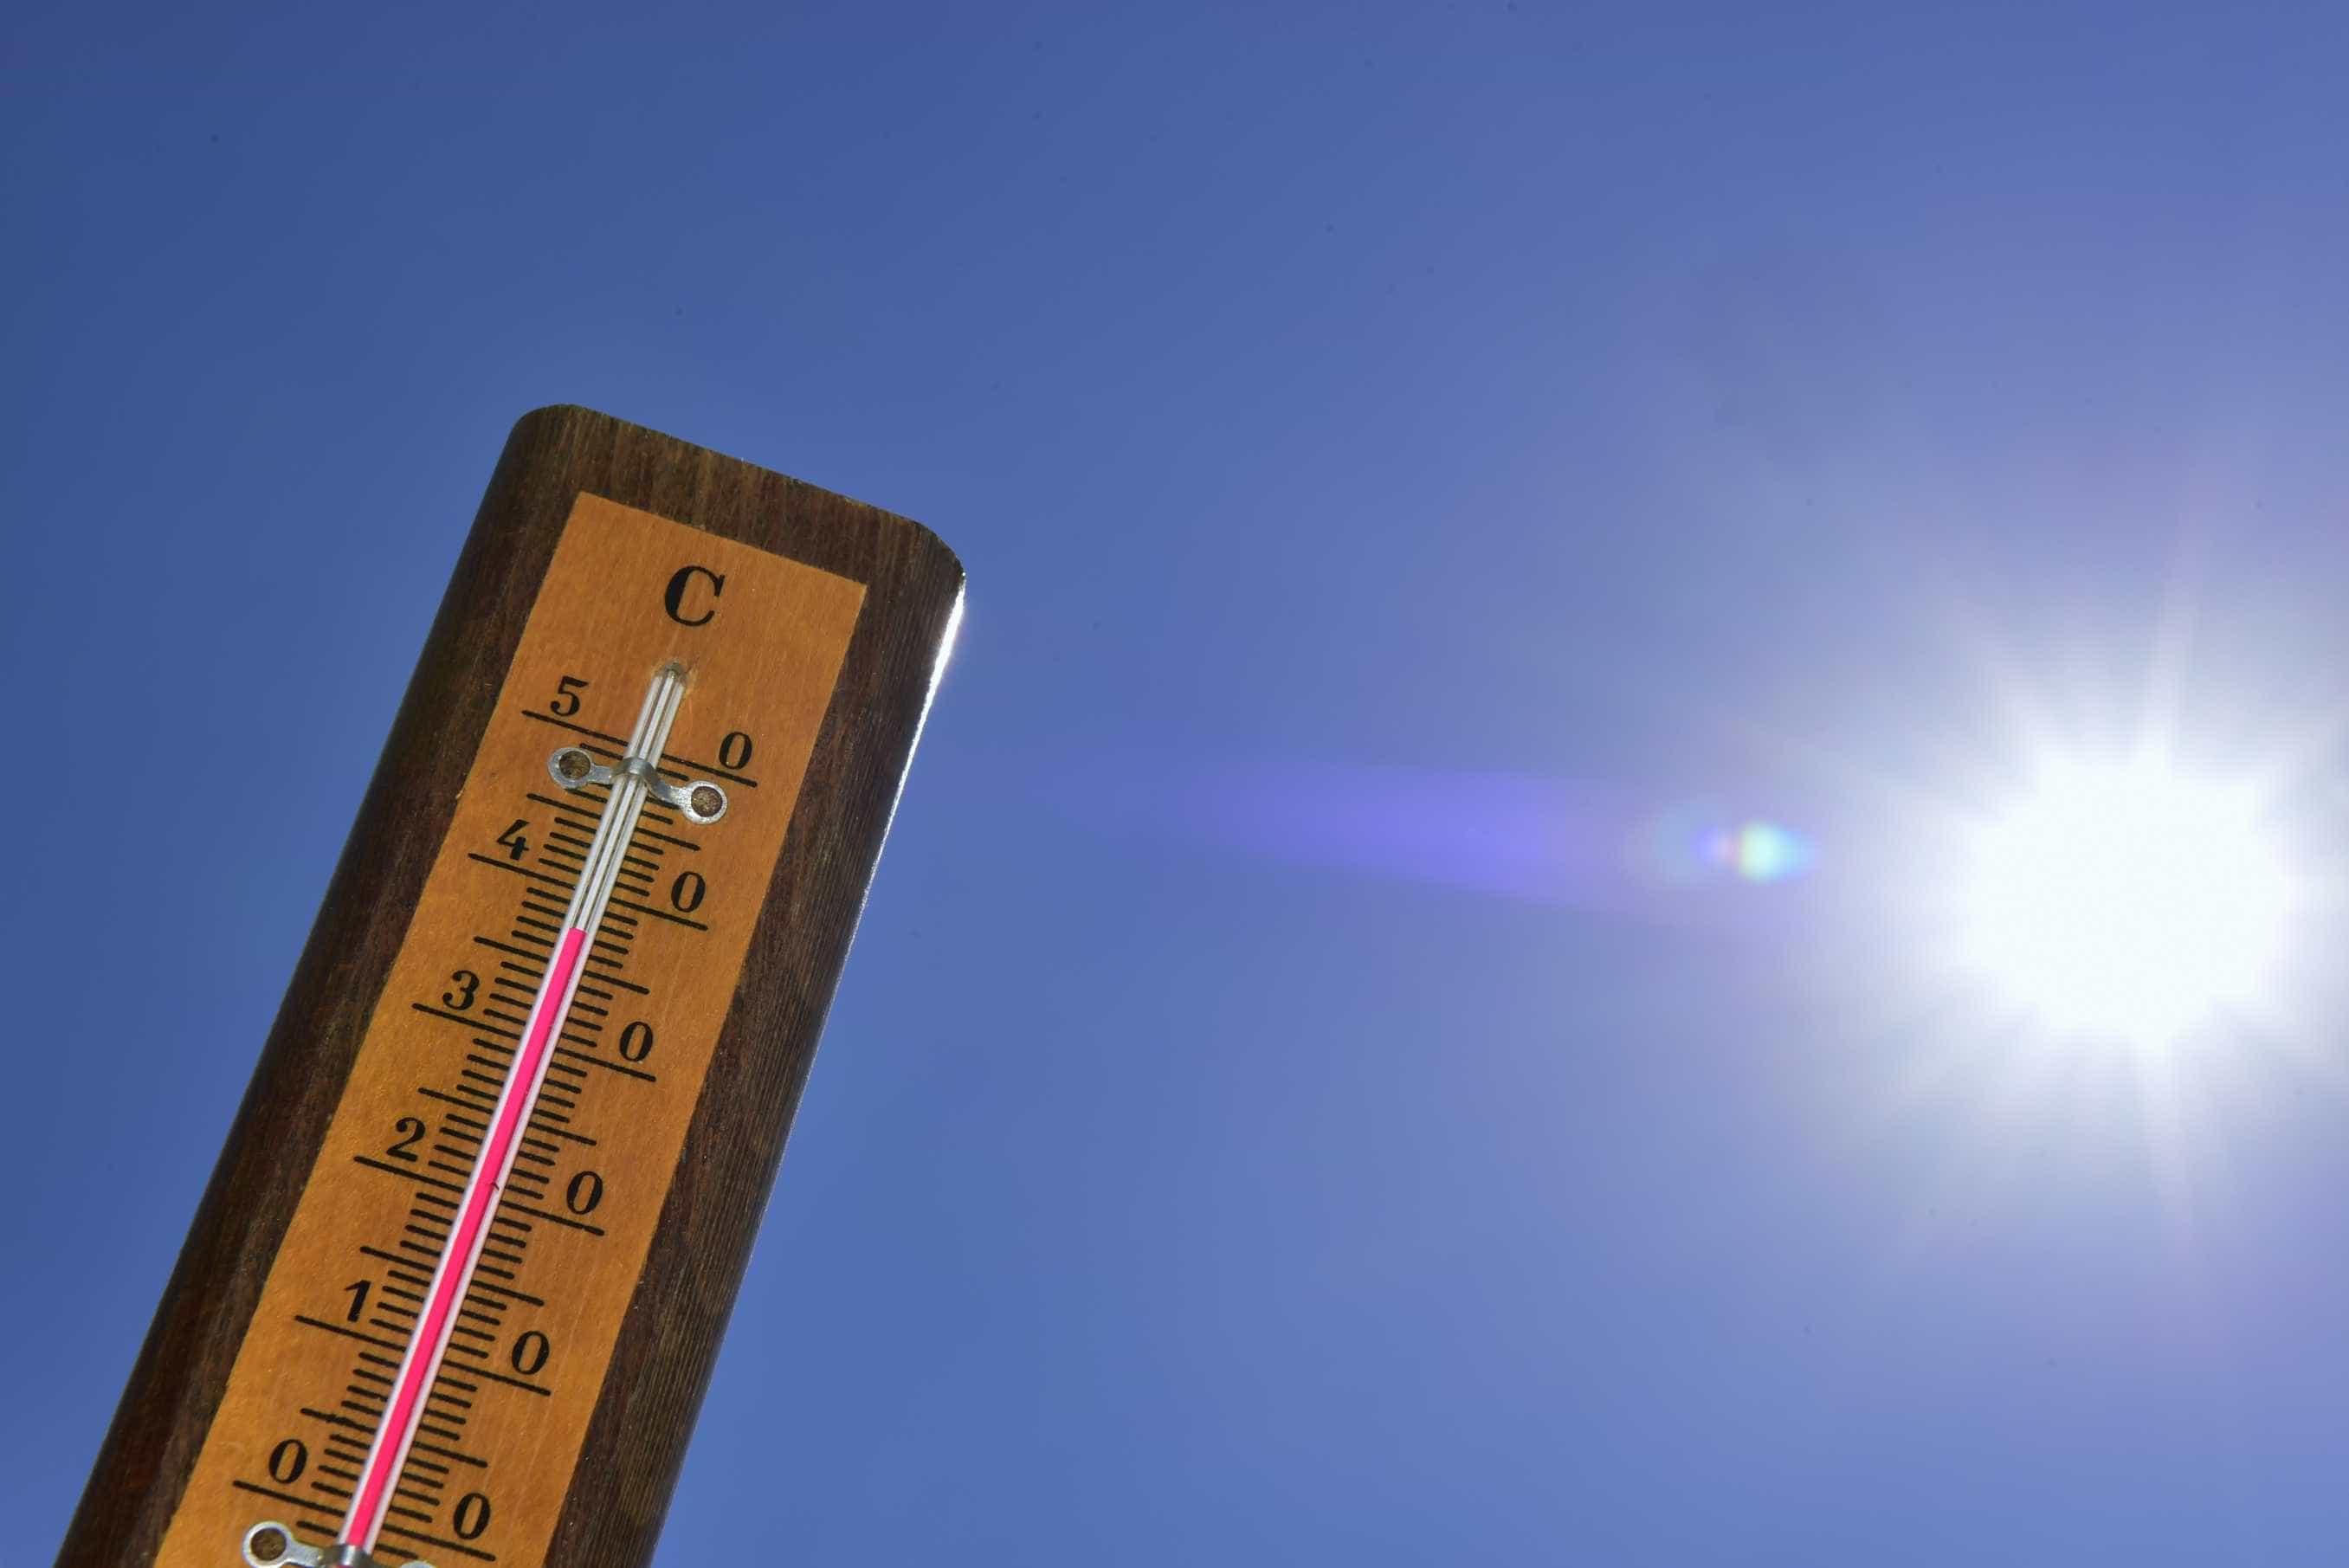 Temperaturas a subir neste início de semana: Vão chegar aos 27ºC